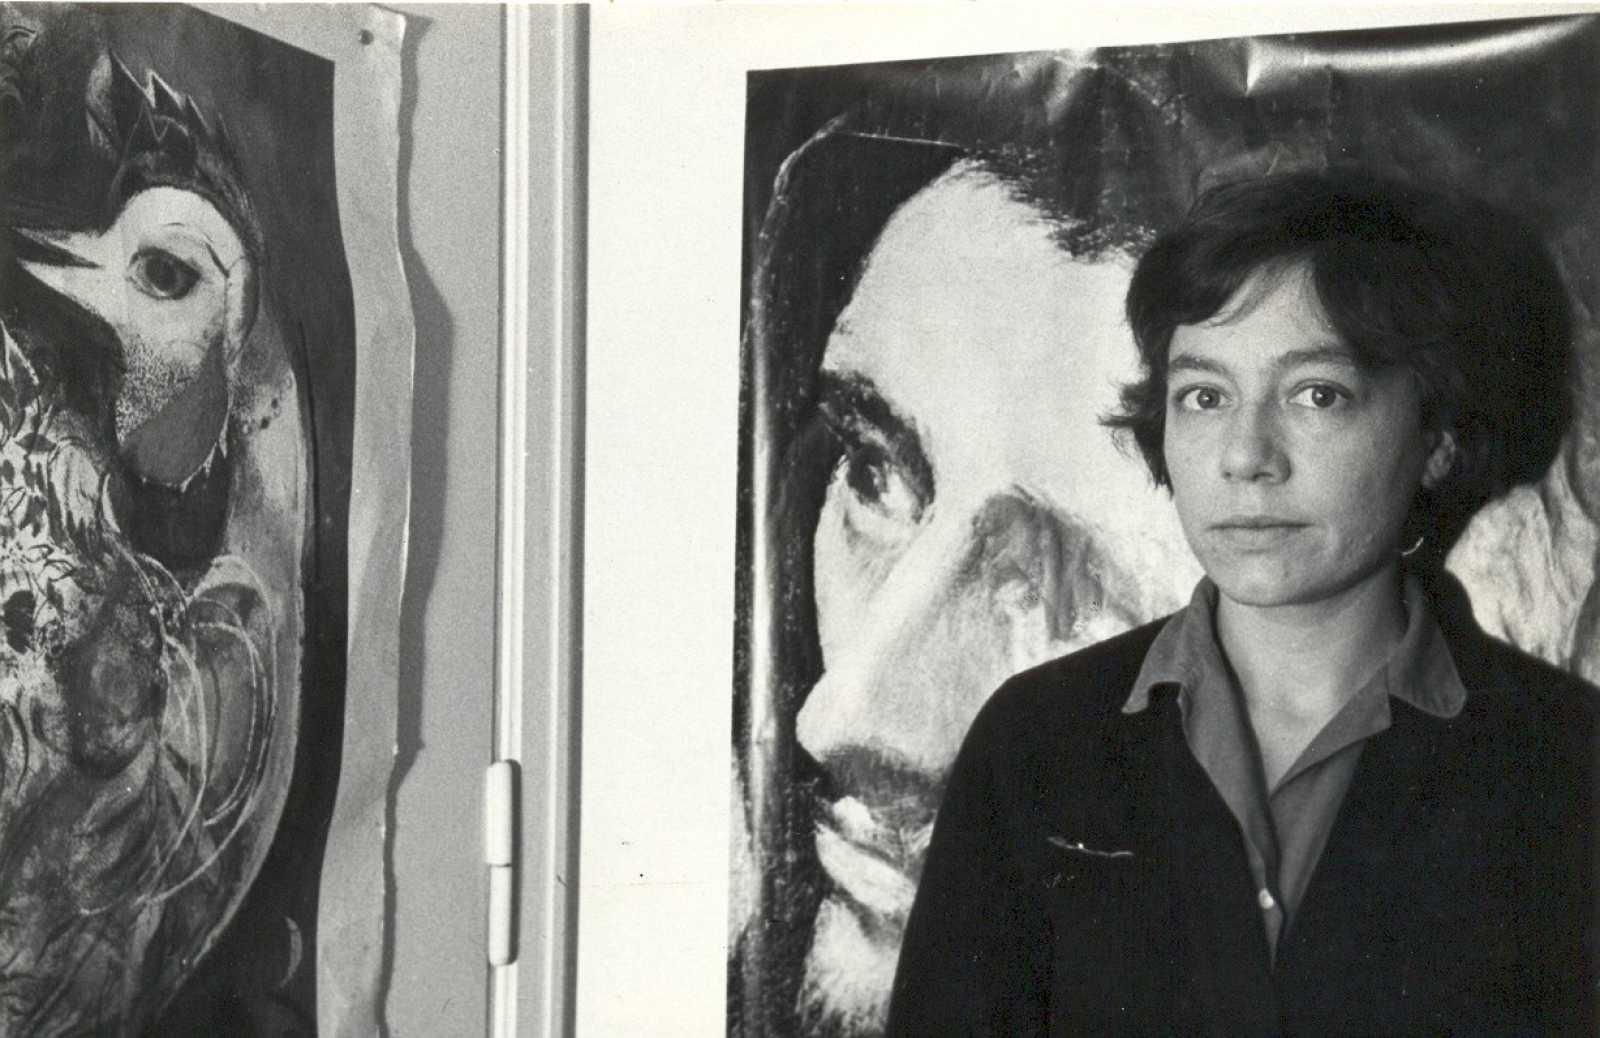 El ojo crítico - 'Alejandra Pizarnik y sus múltiples voces' - 28/04/21 - Escuchar ahora